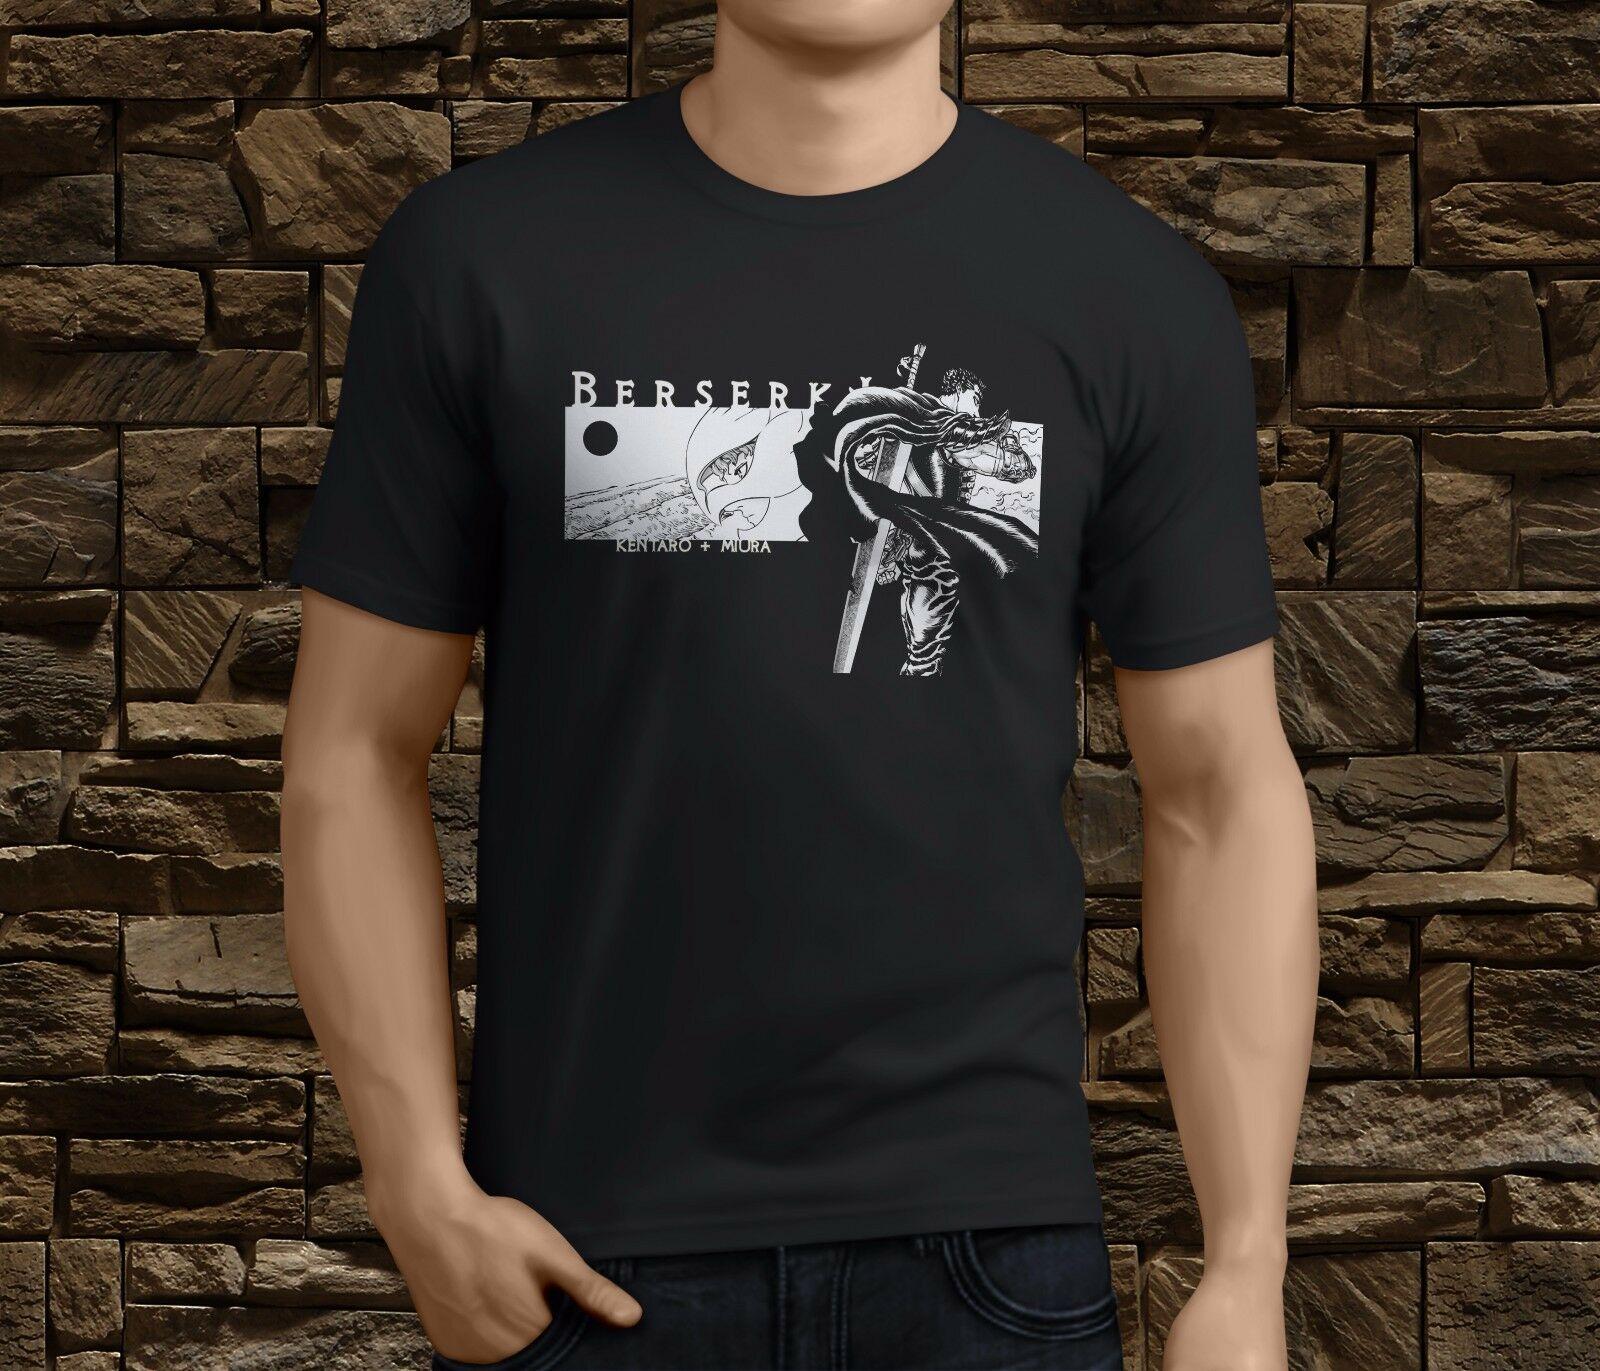 ¡Novedad! Camiseta para hombre de Manga de Anime Berserk Guts Gattsu Griffith, talla S, 3Xl